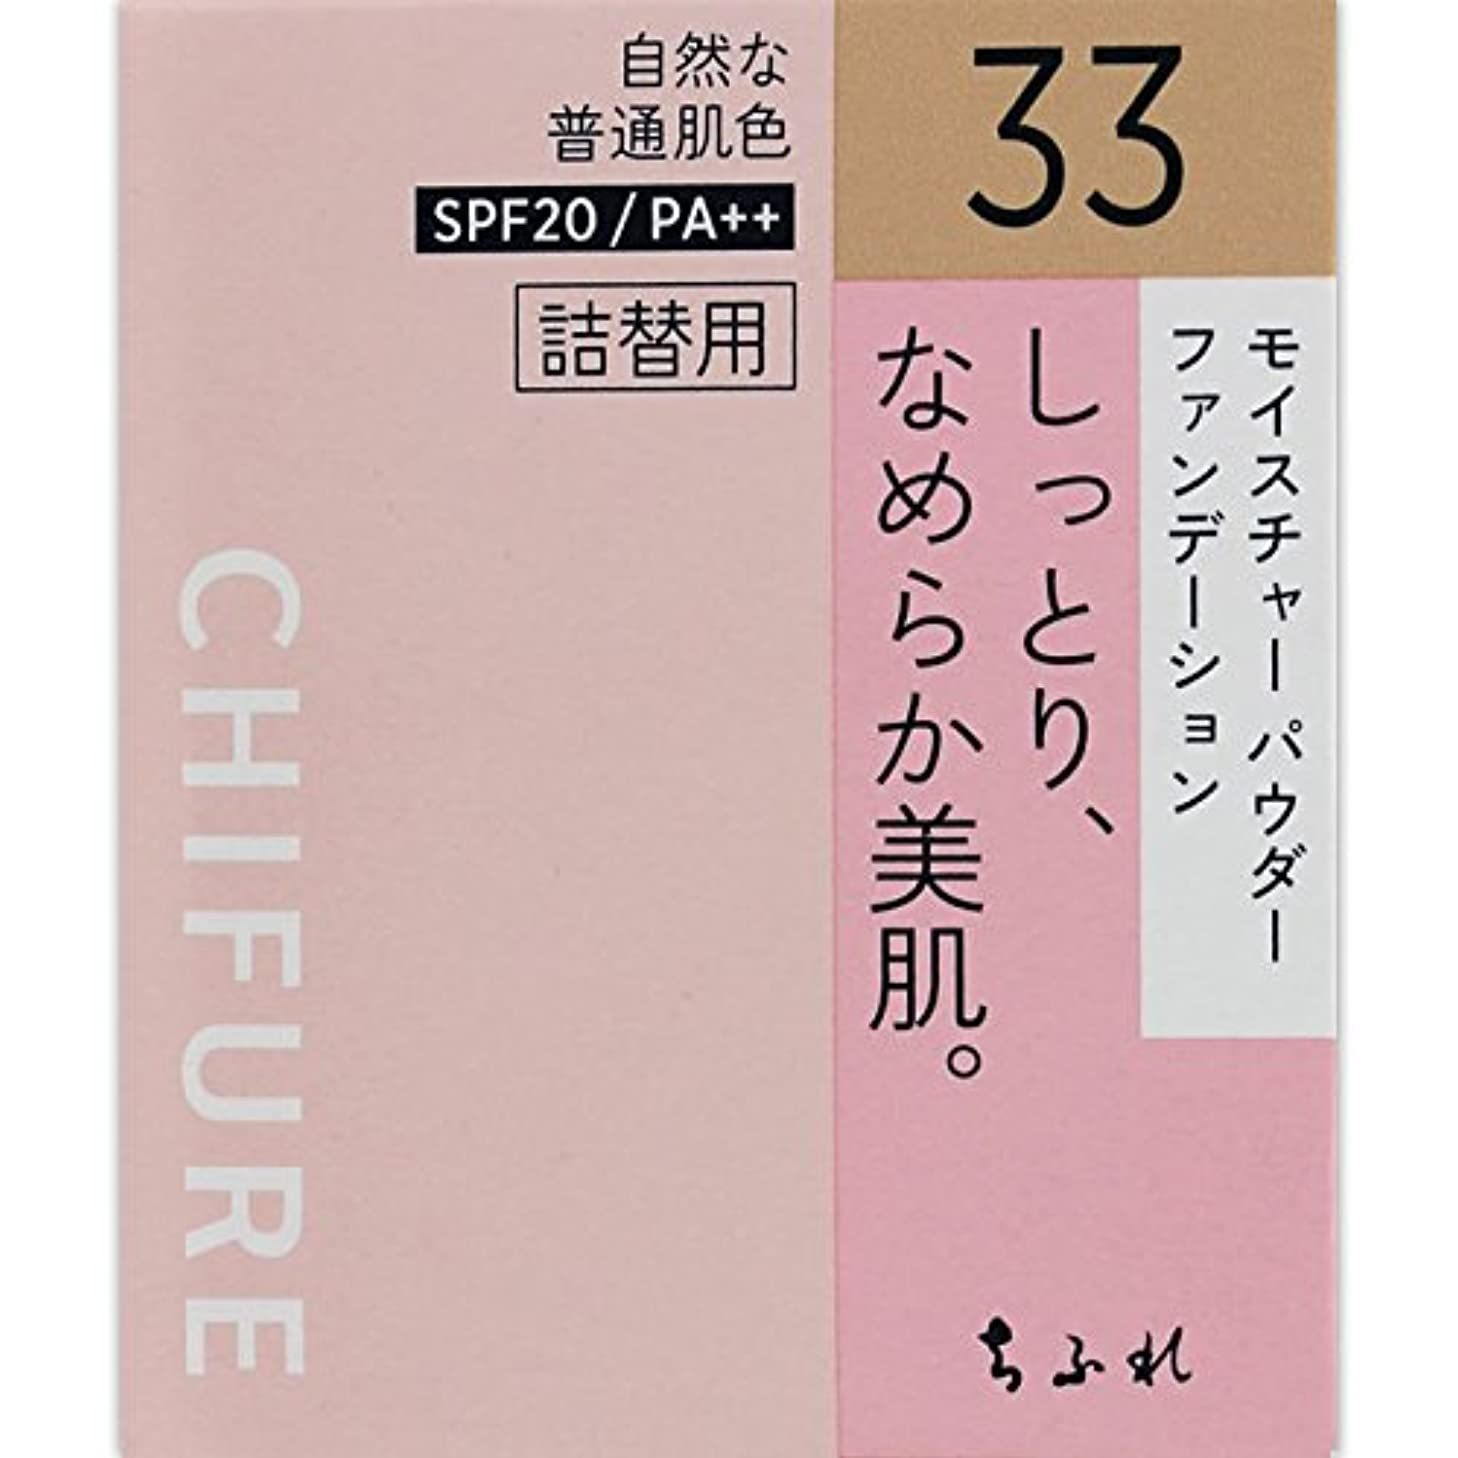 慣らすフィードバック経済的ちふれ化粧品 モイスチャー パウダーファンデーション 詰替用 オークル系 MパウダーFD詰替用33